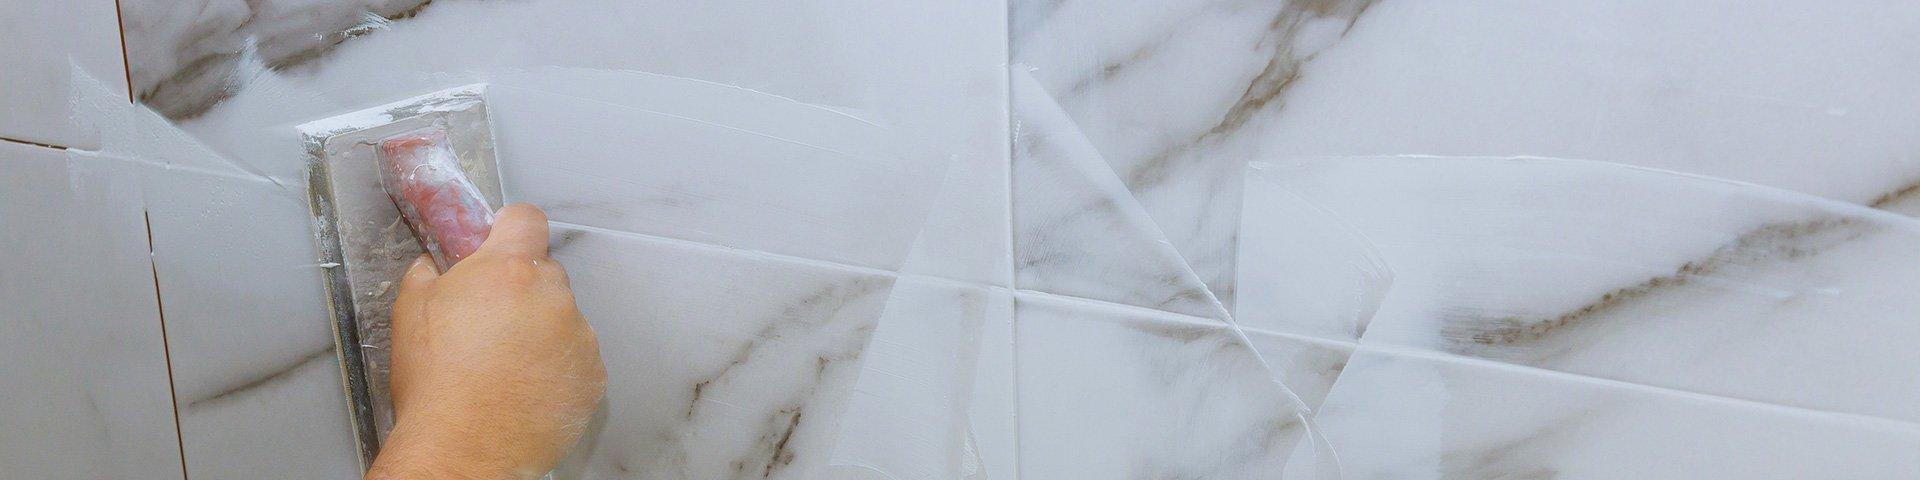 glazurnik wypełnia białą fugą  spoiny między płytkami